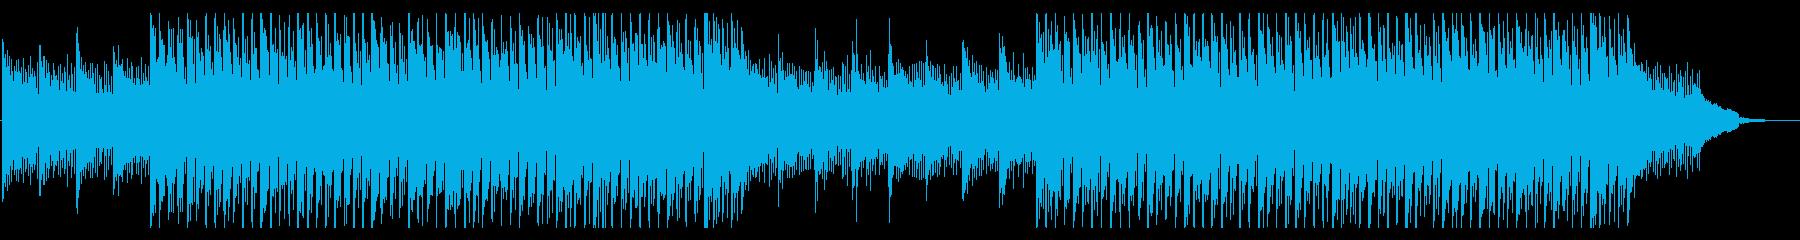 ギターとピチカート/クールな企業向け曲の再生済みの波形